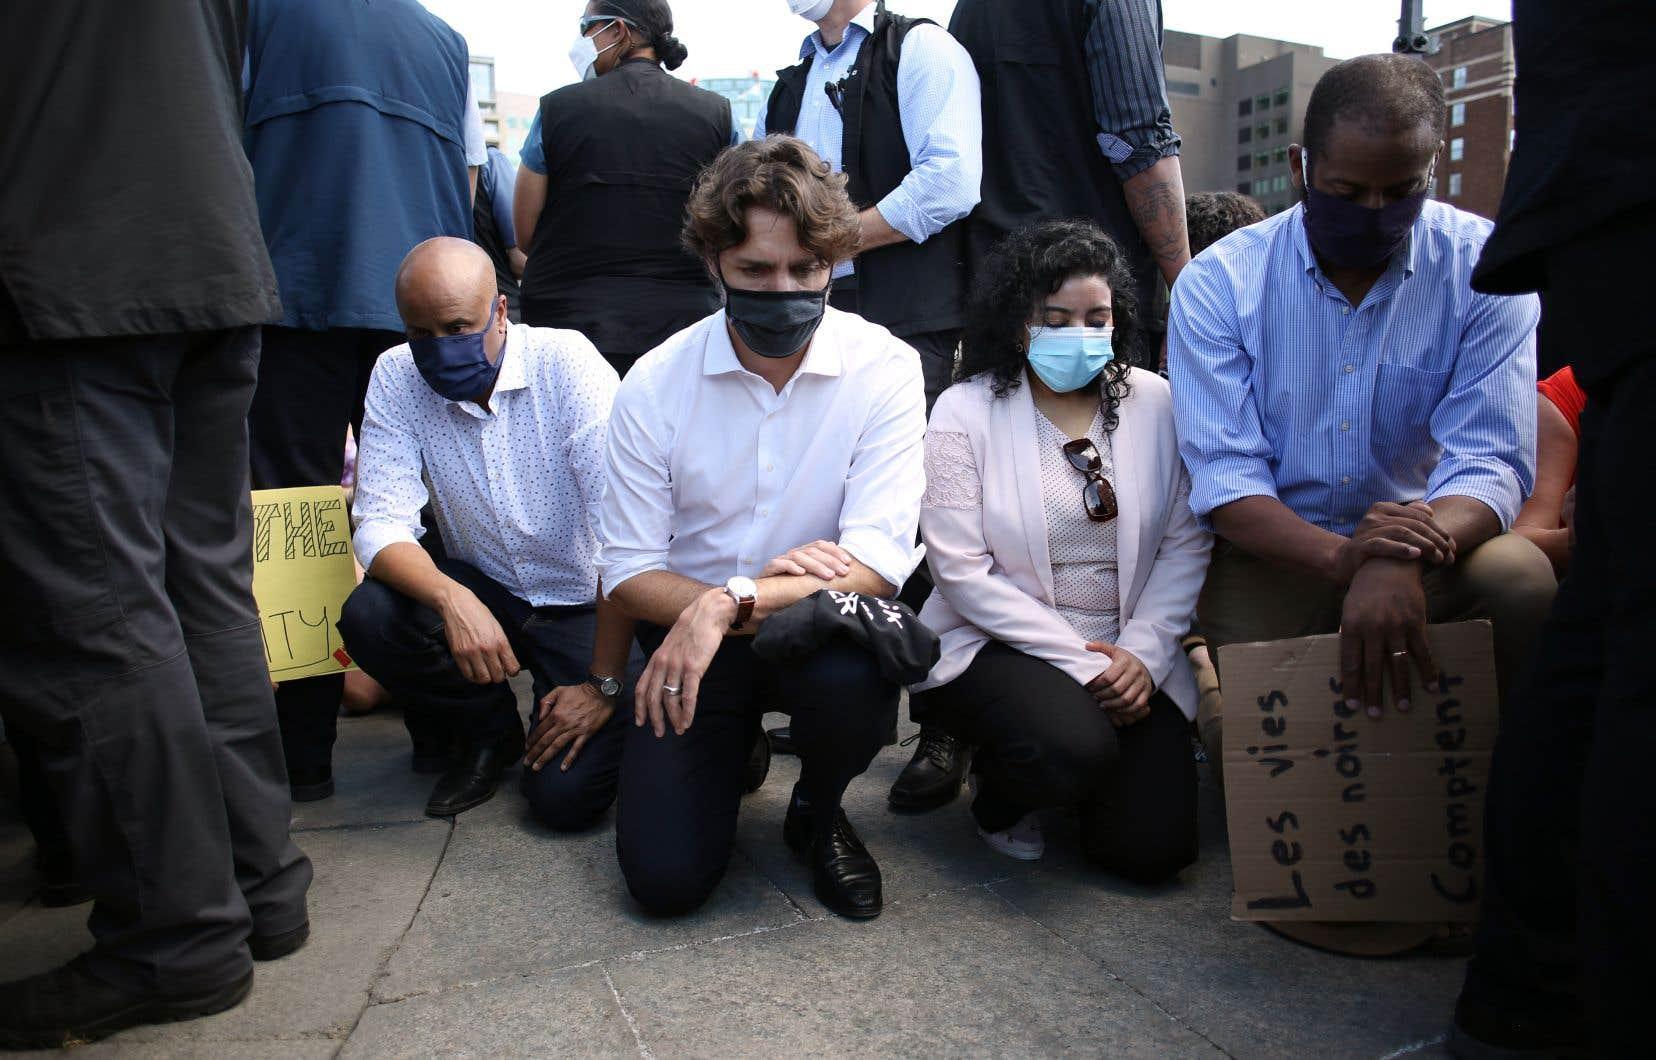 Le premier ministre Justin Trudeau a déposé un genou au sol en signe de solidarité avec les autres manifestants réunis sur la Colline du Parlement, à Ottawa.